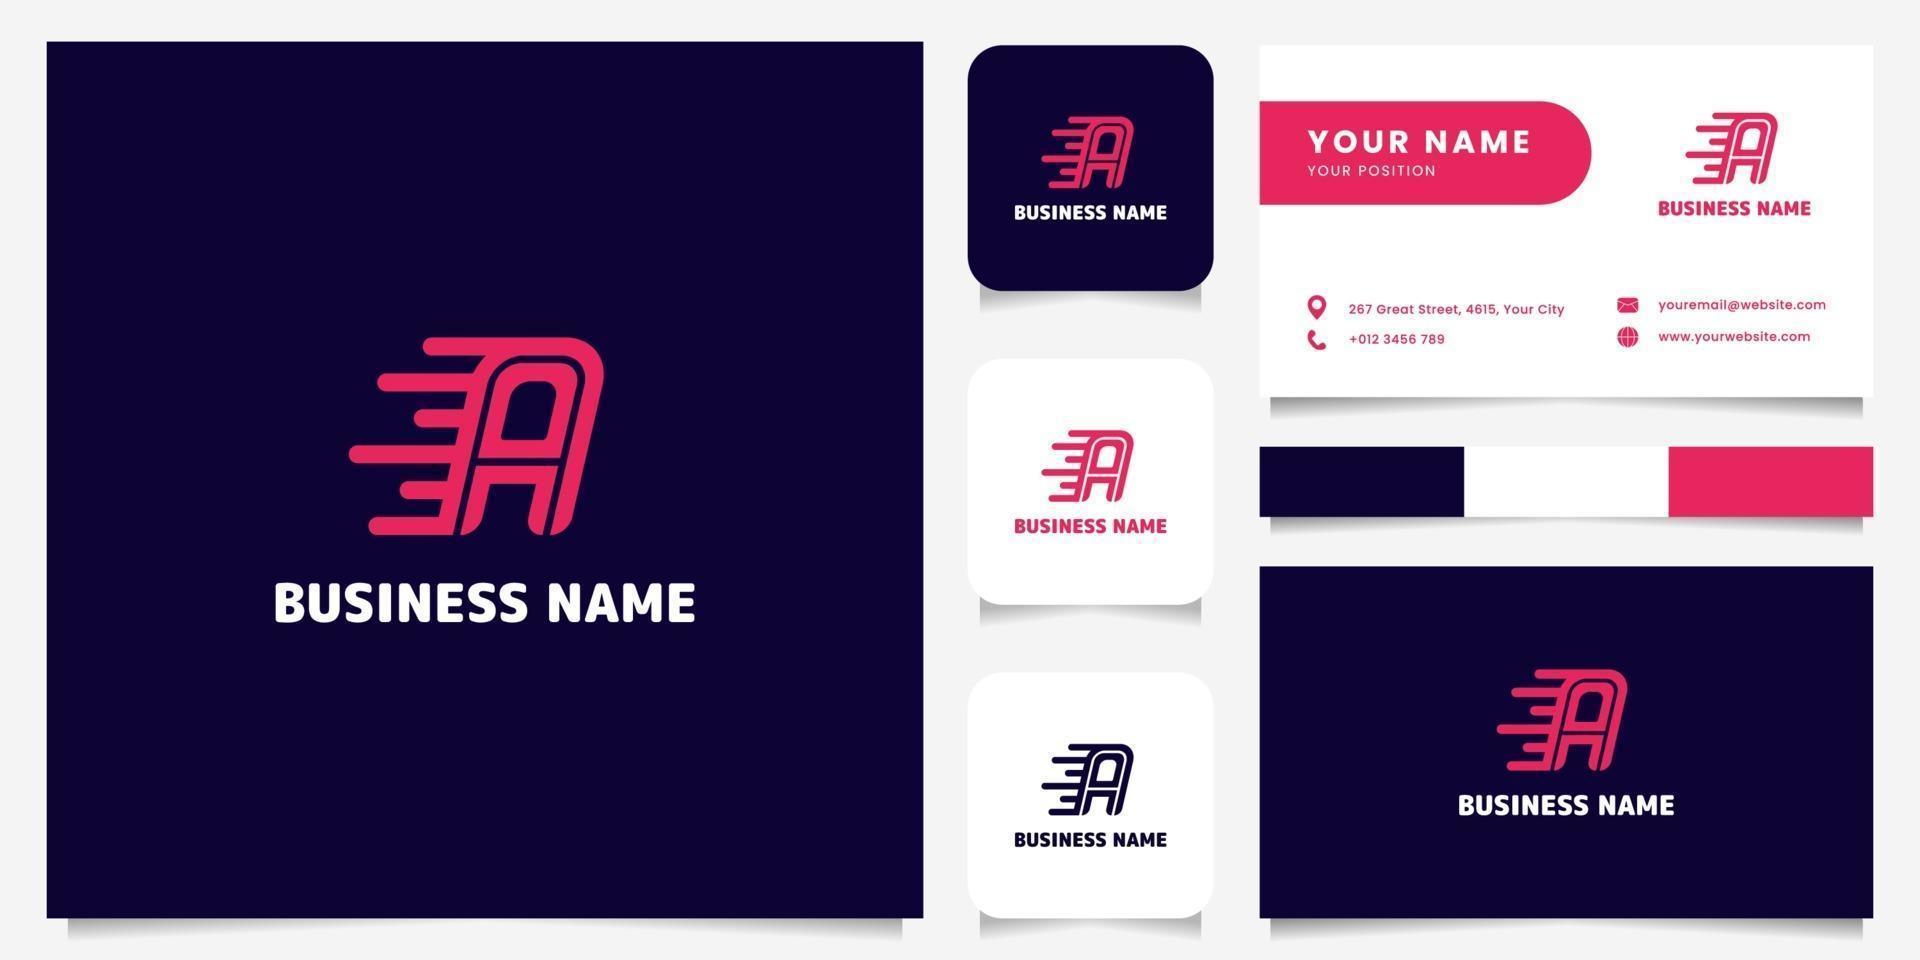 letra rosa brilhante simples e minimalista um logotipo de velocidade em fundo escuro logotipo com modelo de cartão de visita vetor